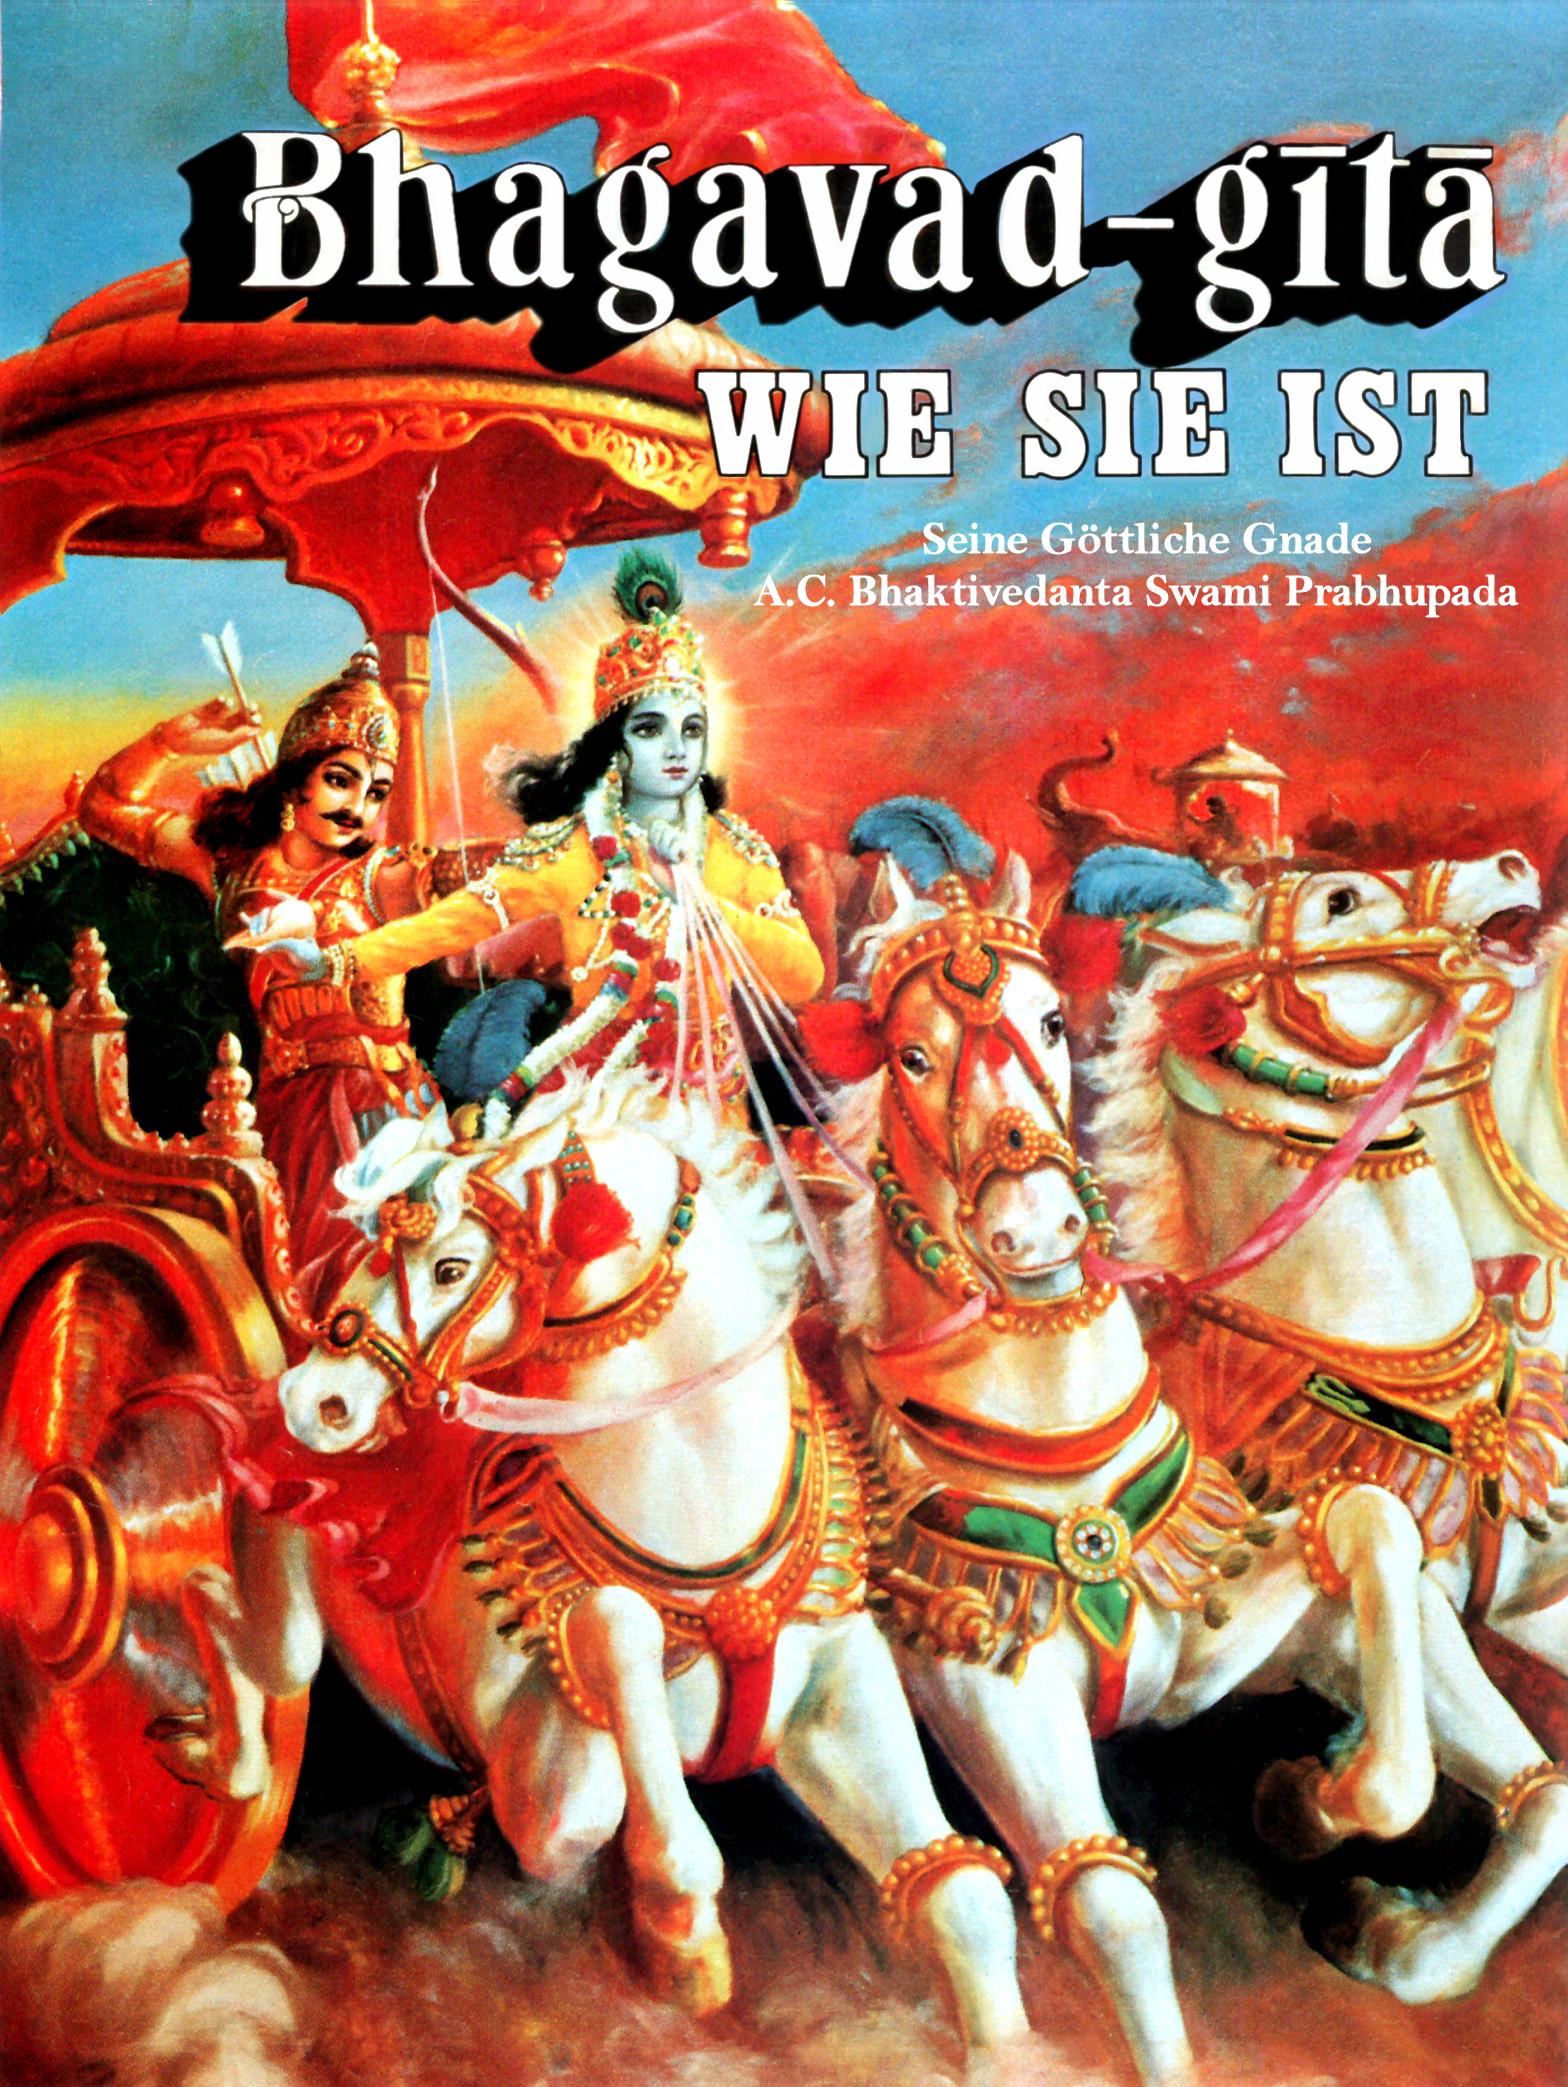 Bhagavad-gita Wie Sie Ist - Original 1974 Edition Schloß Rettershof